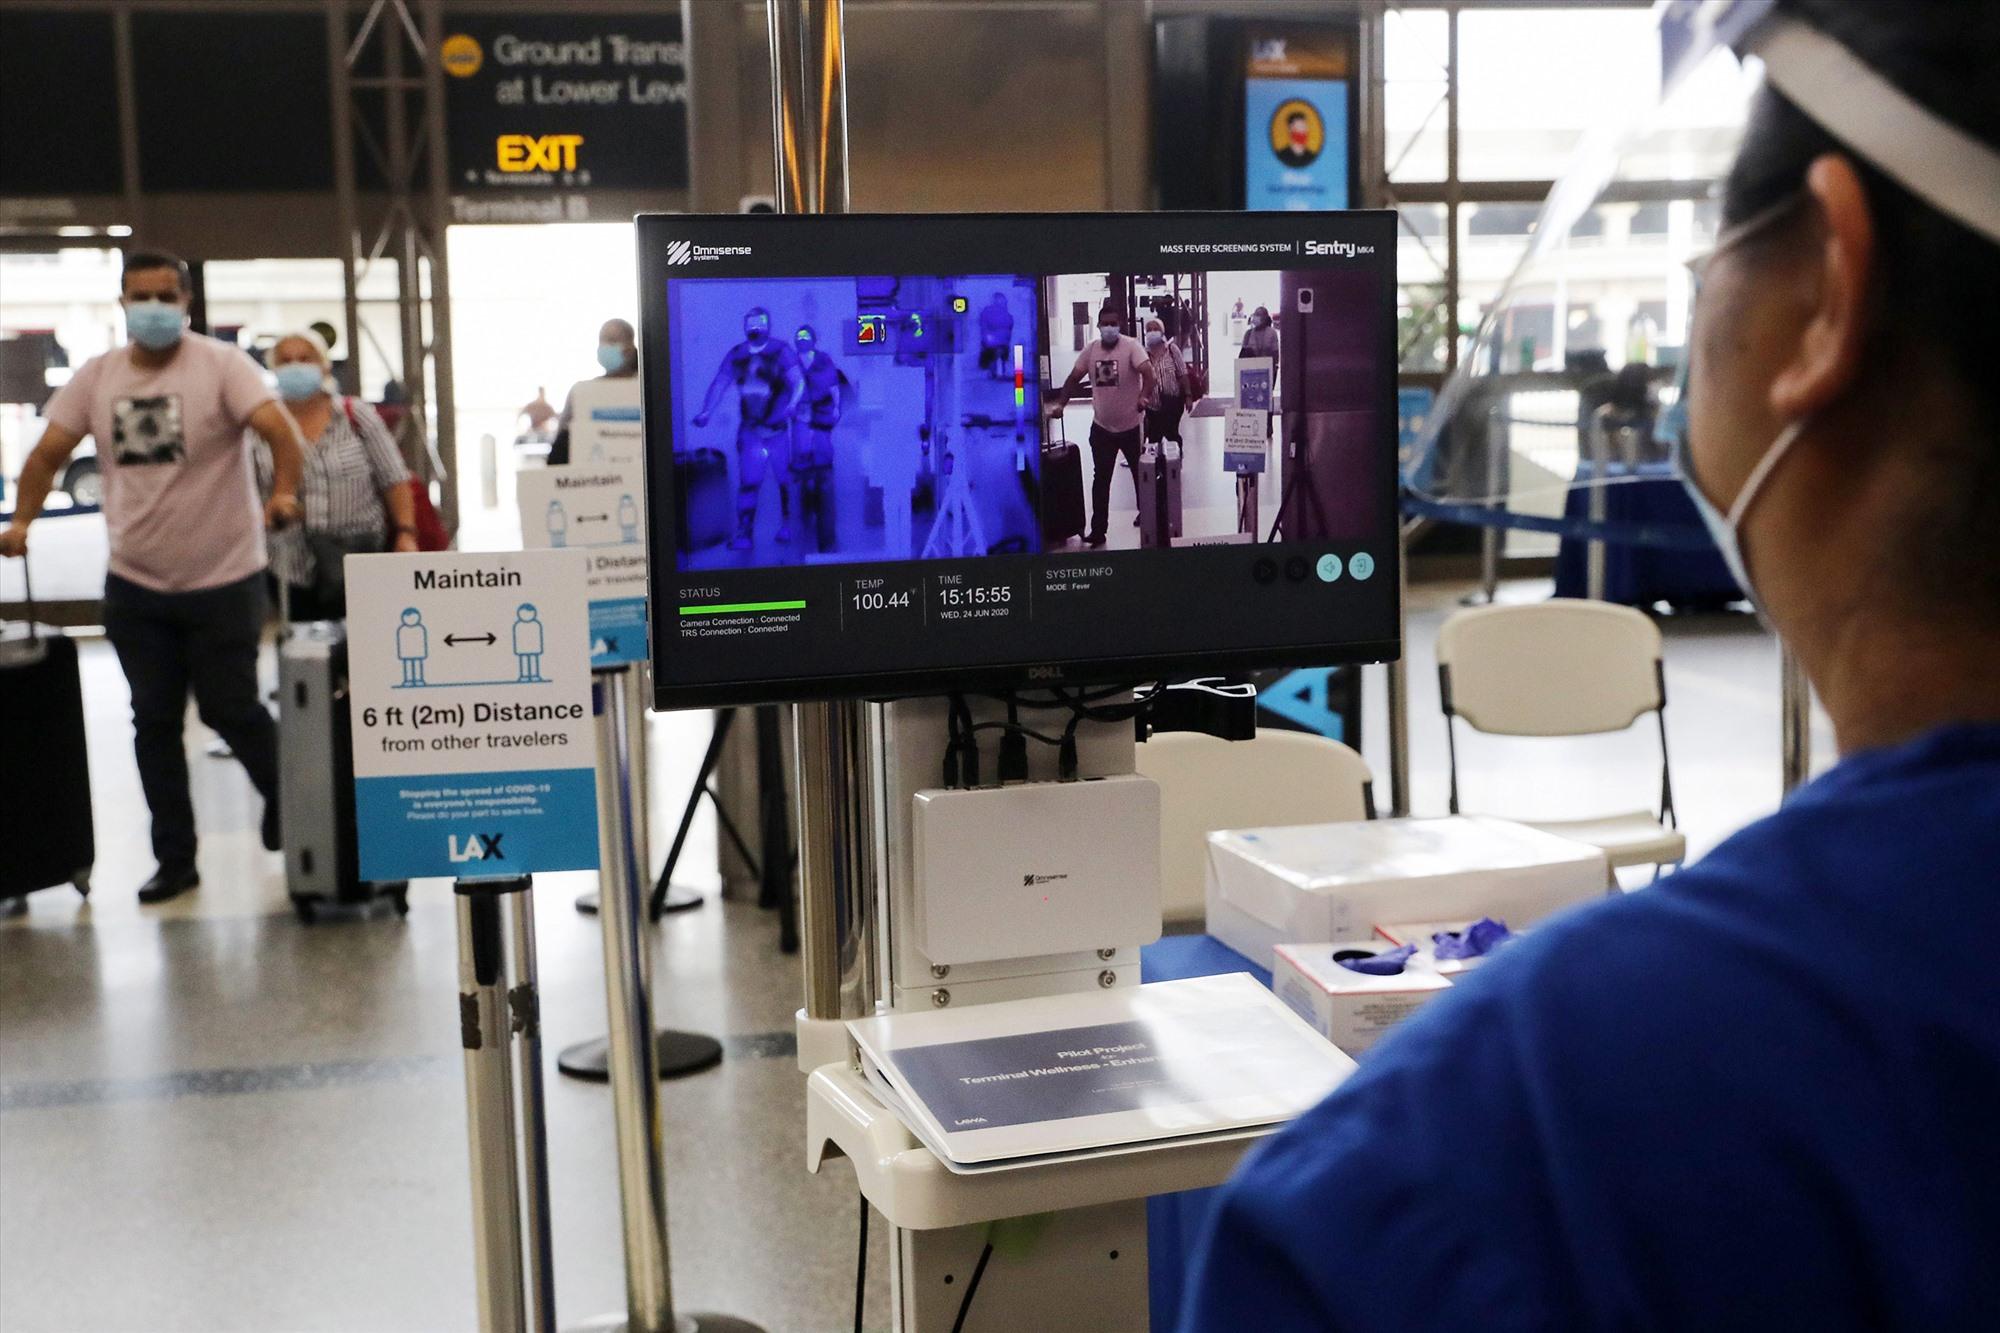 Ứng dụng trí tuệ nhân tạo để đo thân nhiệt và nhận diện an ninh qua mắt người tại các chốt kiểm tra y tế. Ảnh: Gettyimage